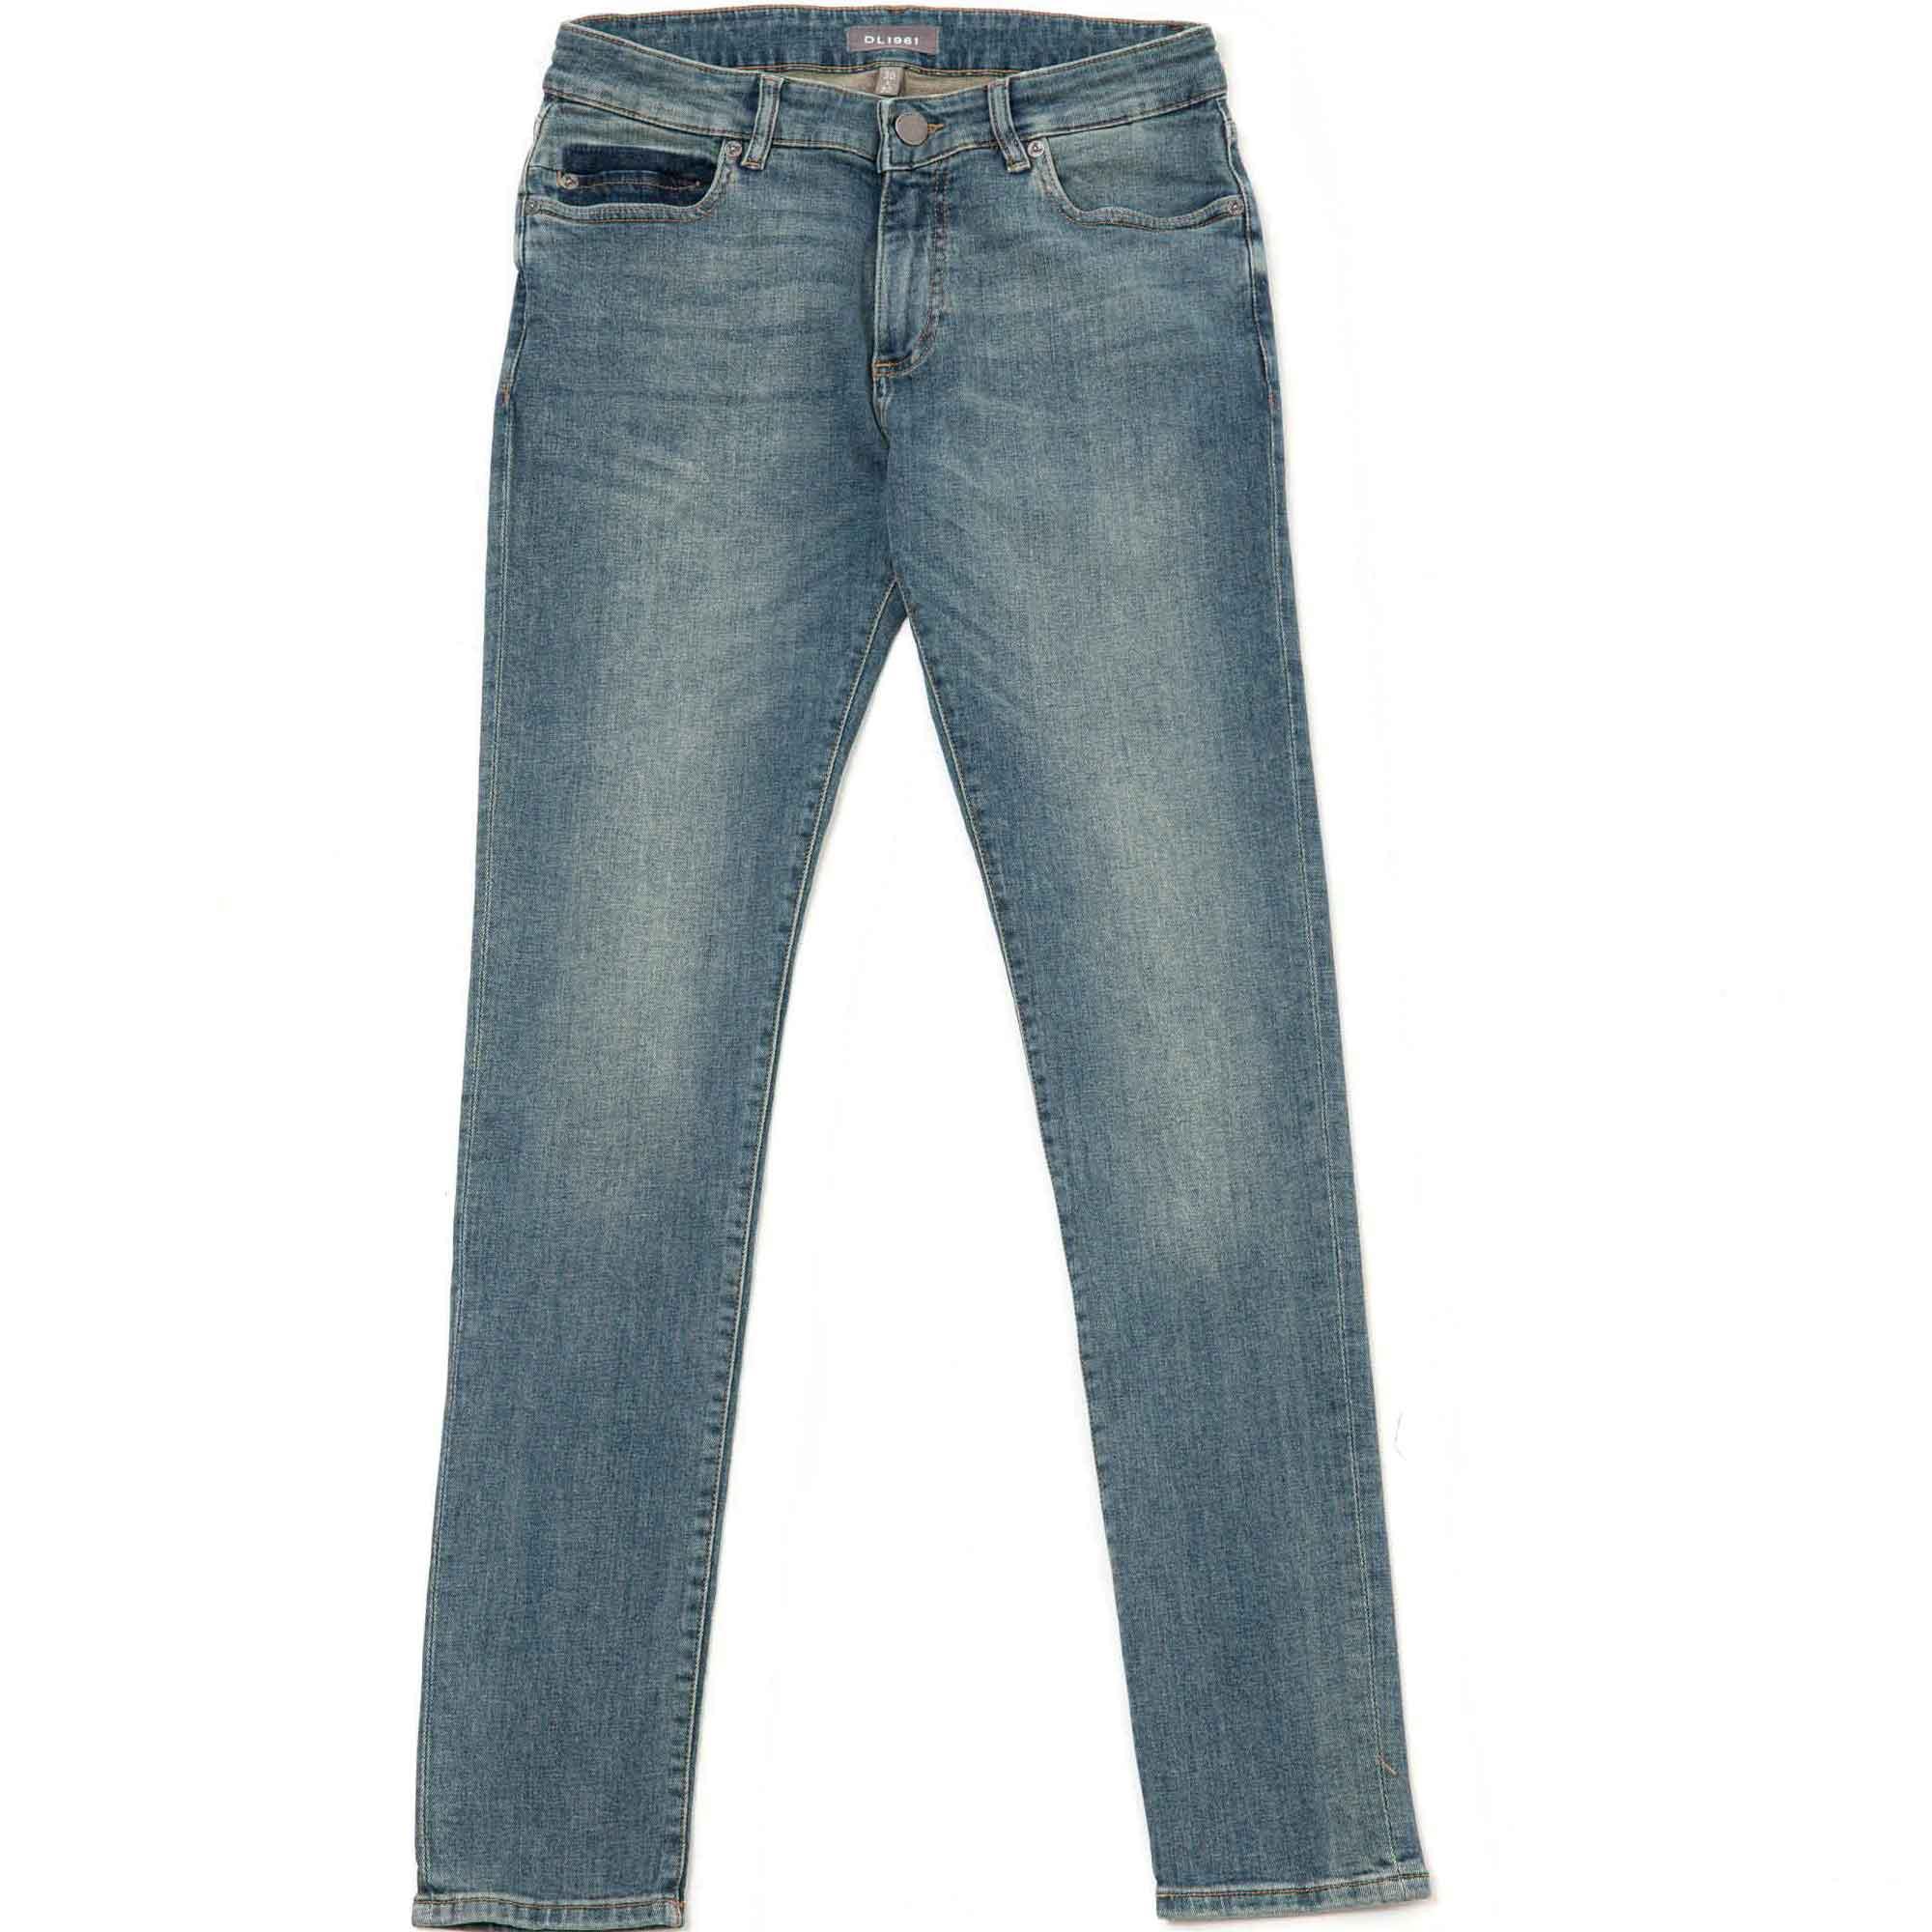 Jeans hunter skinny nostalgia